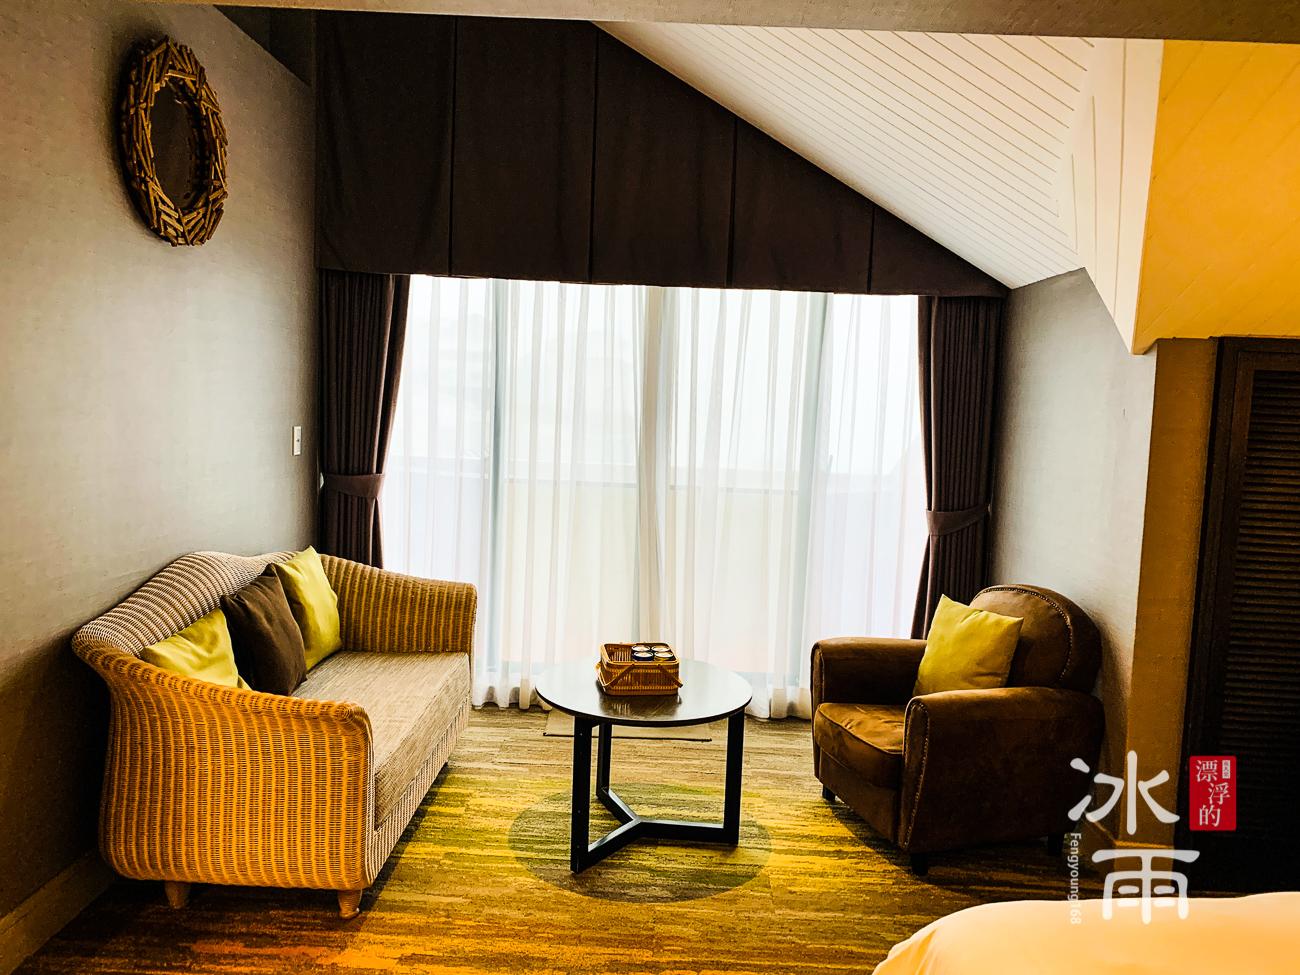 陽明山天籟渡假酒店|房間角落